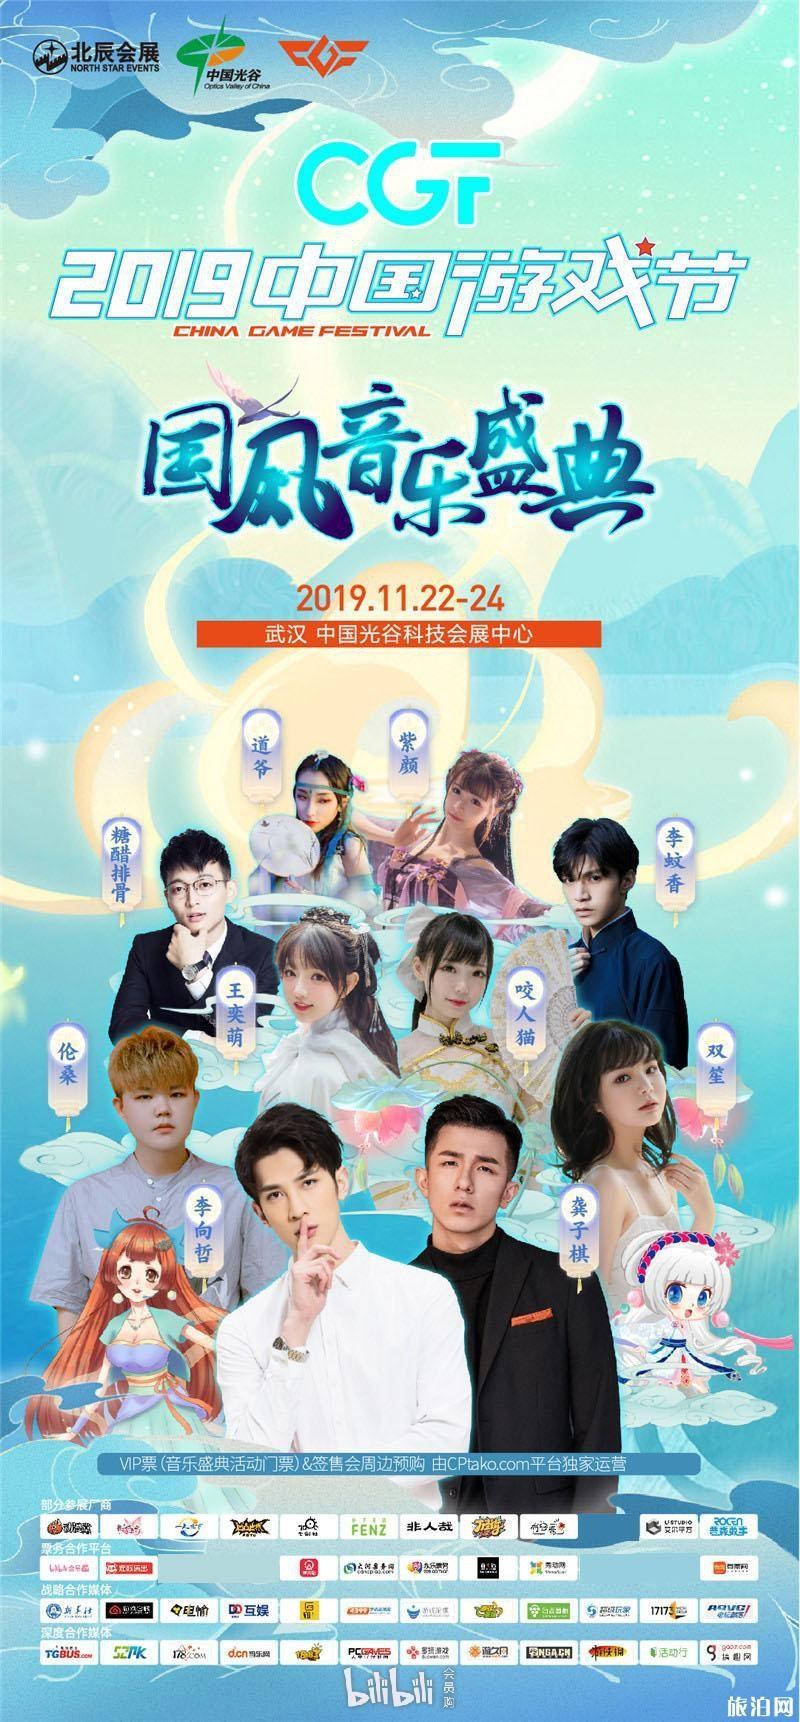 2019中国游戏节11月22日开启 持续时间+门票+嘉宾